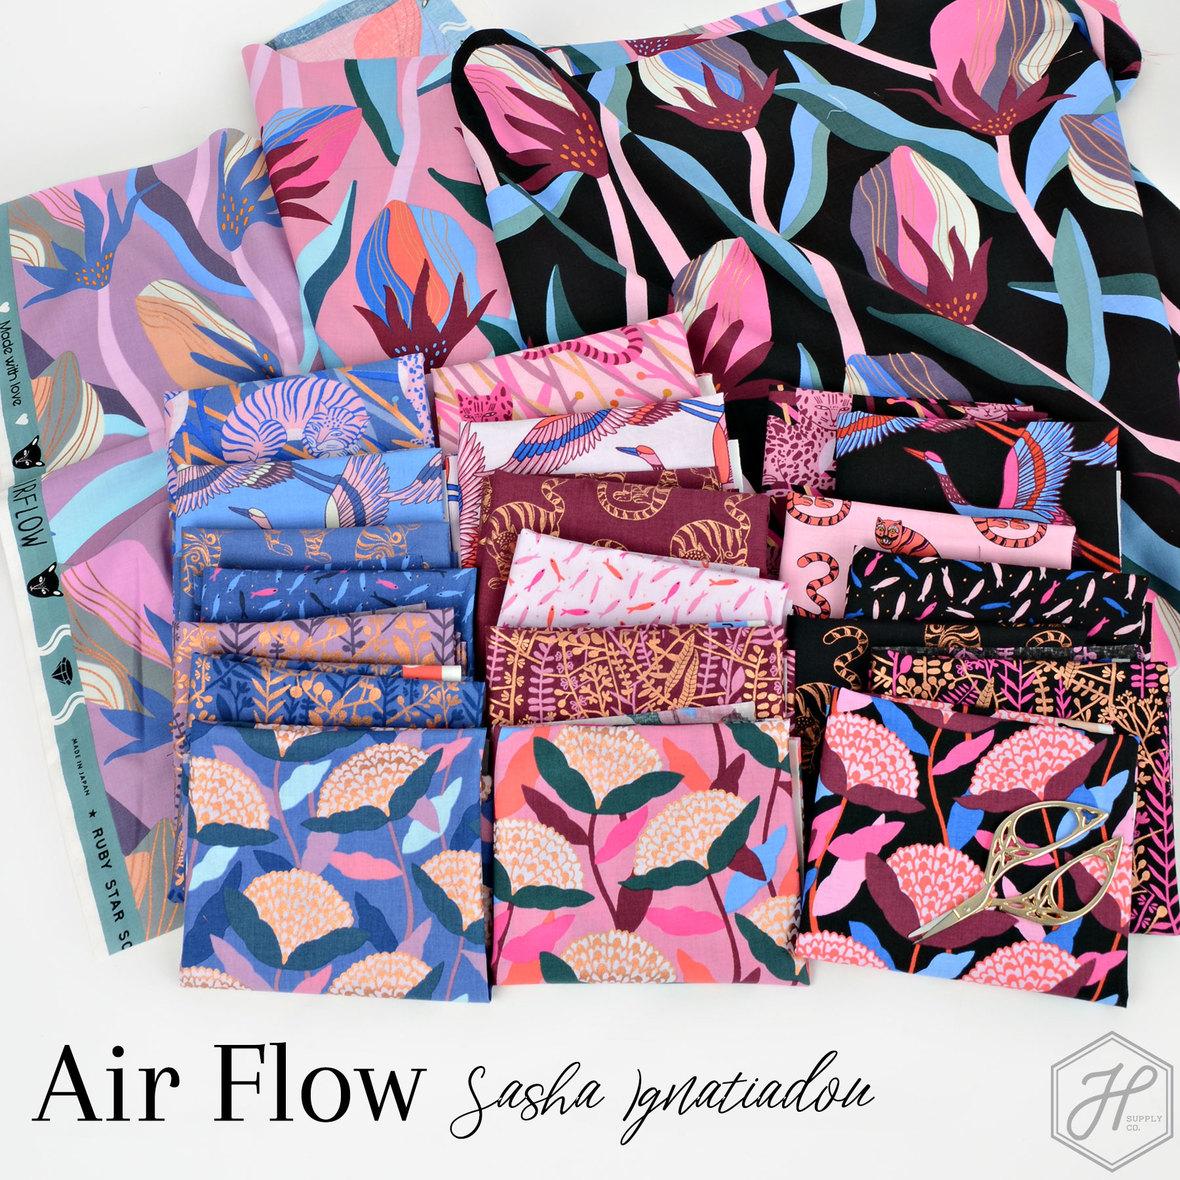 Air-Flow-Fabric-by-Sasha-Ignatiadou-for-Ruby-Star-at-Hawthorne